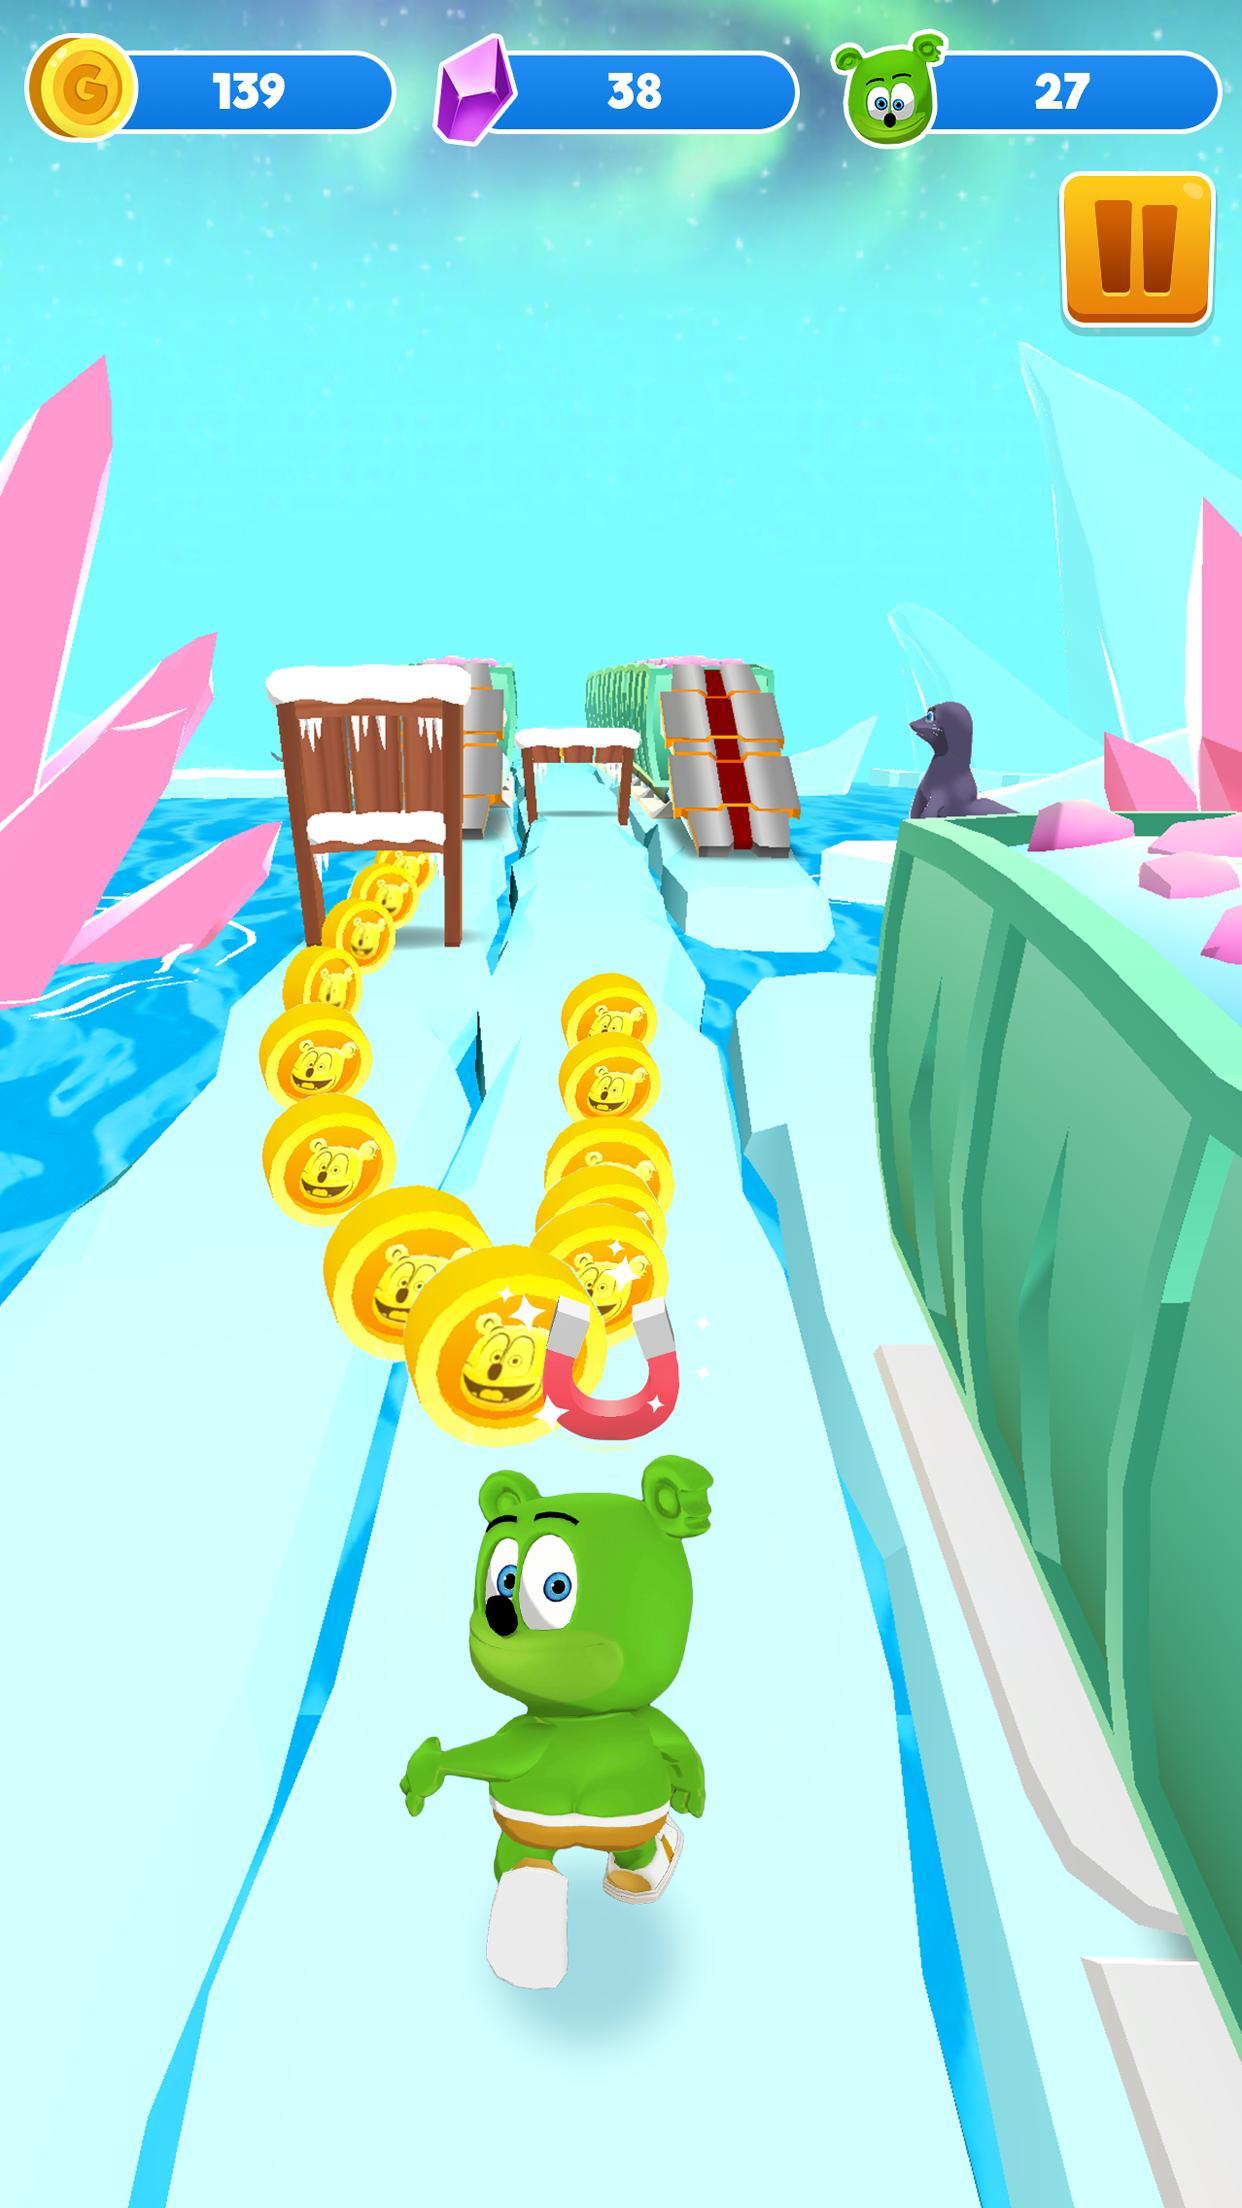 Gummy Bear Running - Endless Runner 2020 1.2.10 Screenshot 7